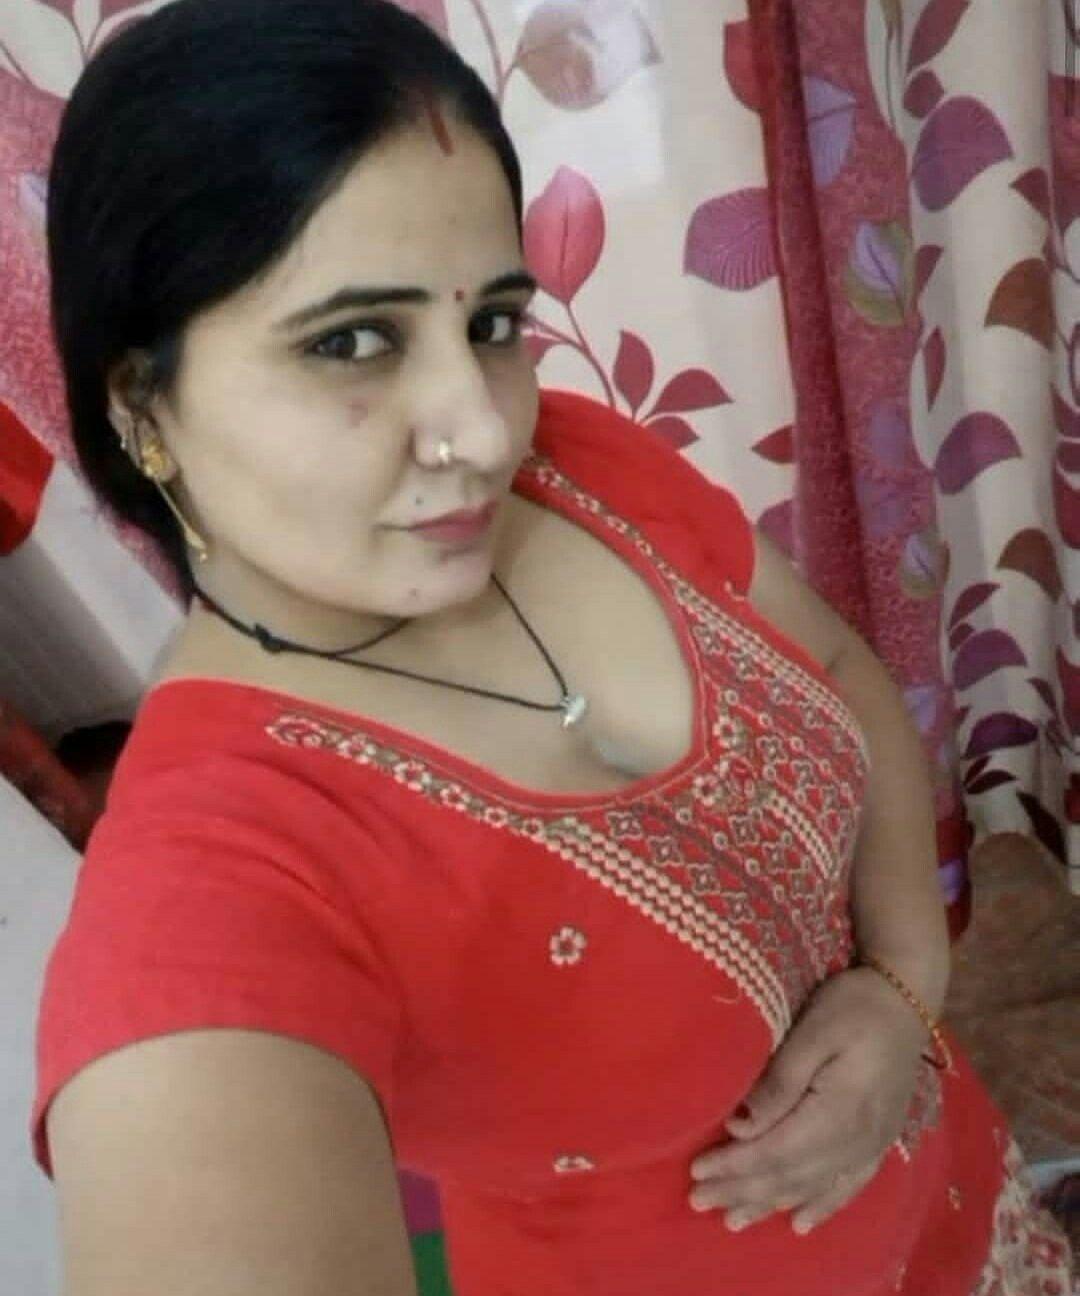 Pin on Desi beauty